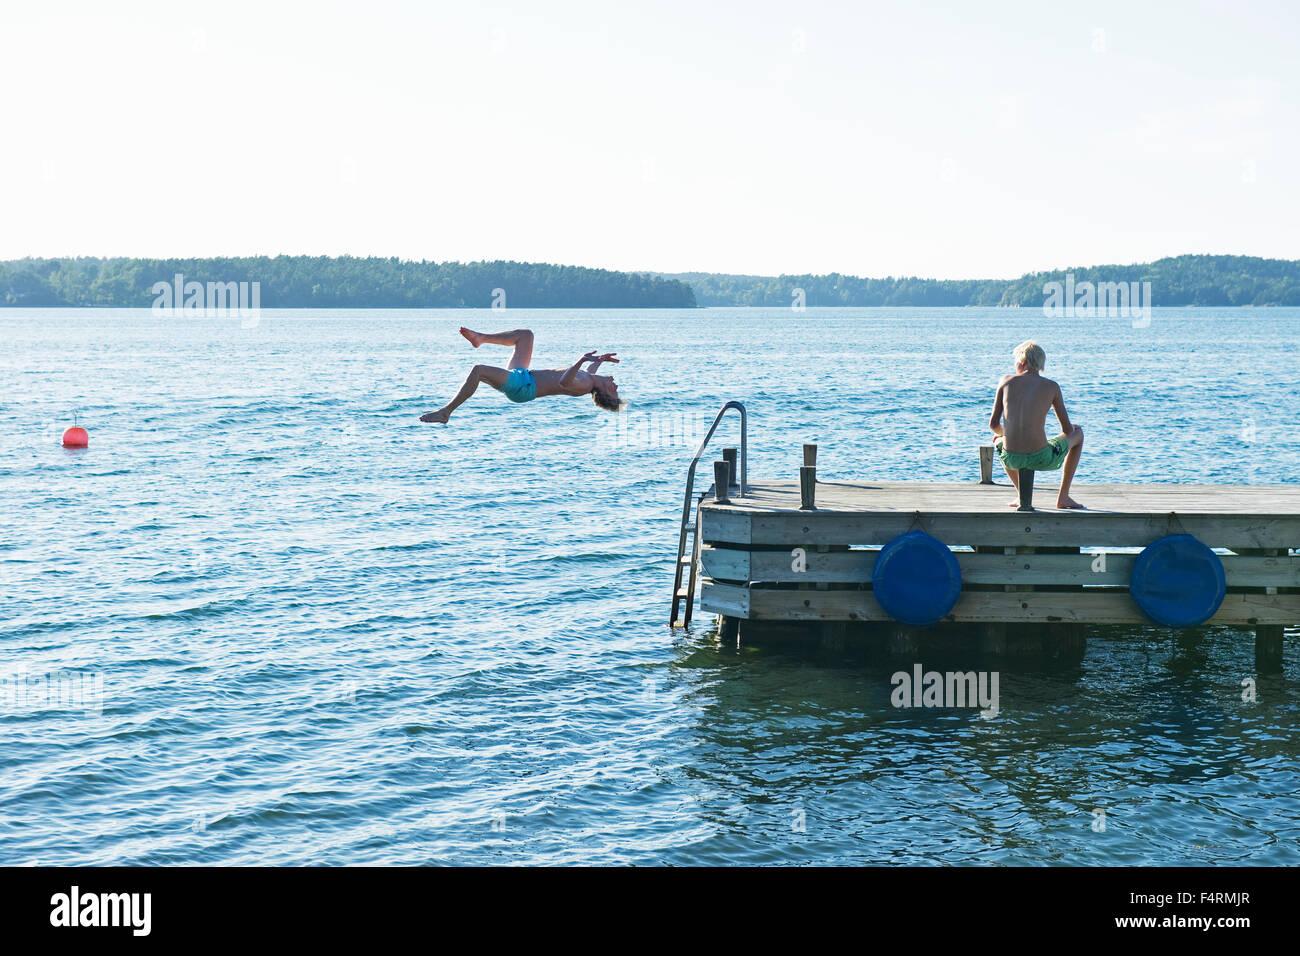 Giovane uomo saltando in acqua dal molo Immagini Stock